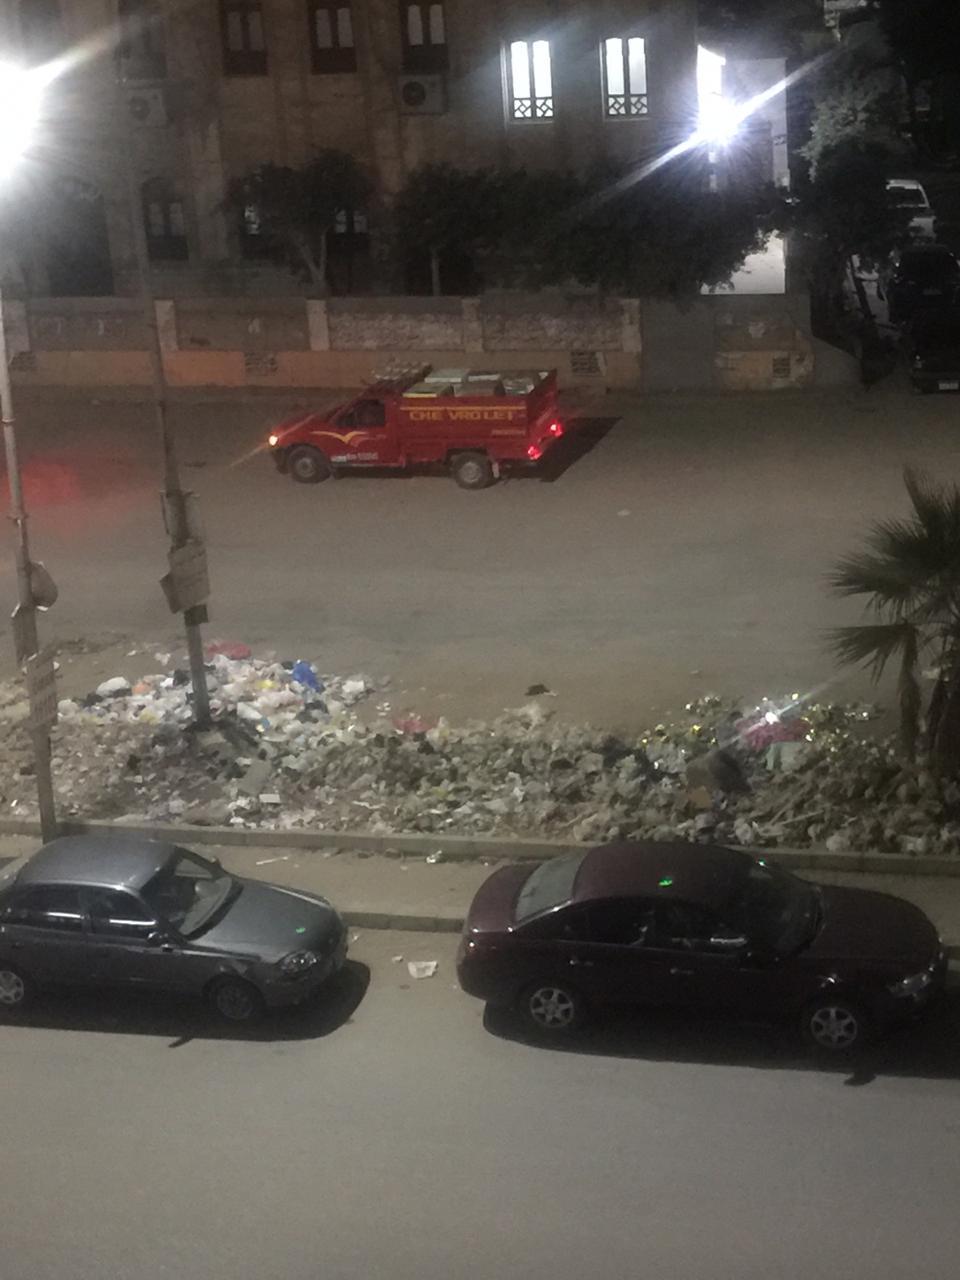 بشارع مهدى عرفه بالحى العاشر بمدينه نصر (1)